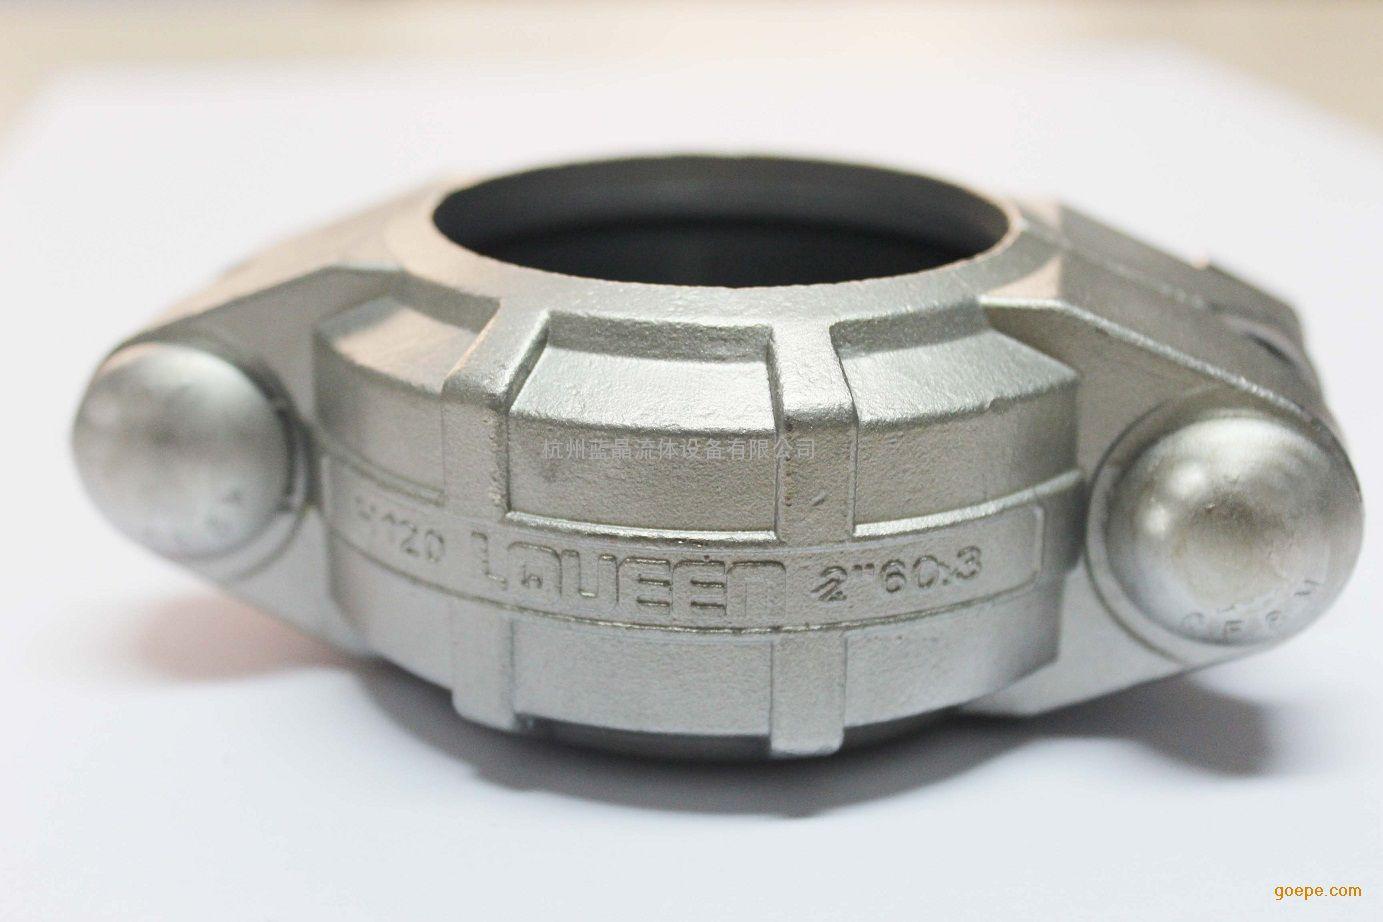 现货供应 不锈钢拷贝林卡箍 高压力沟槽卡箍